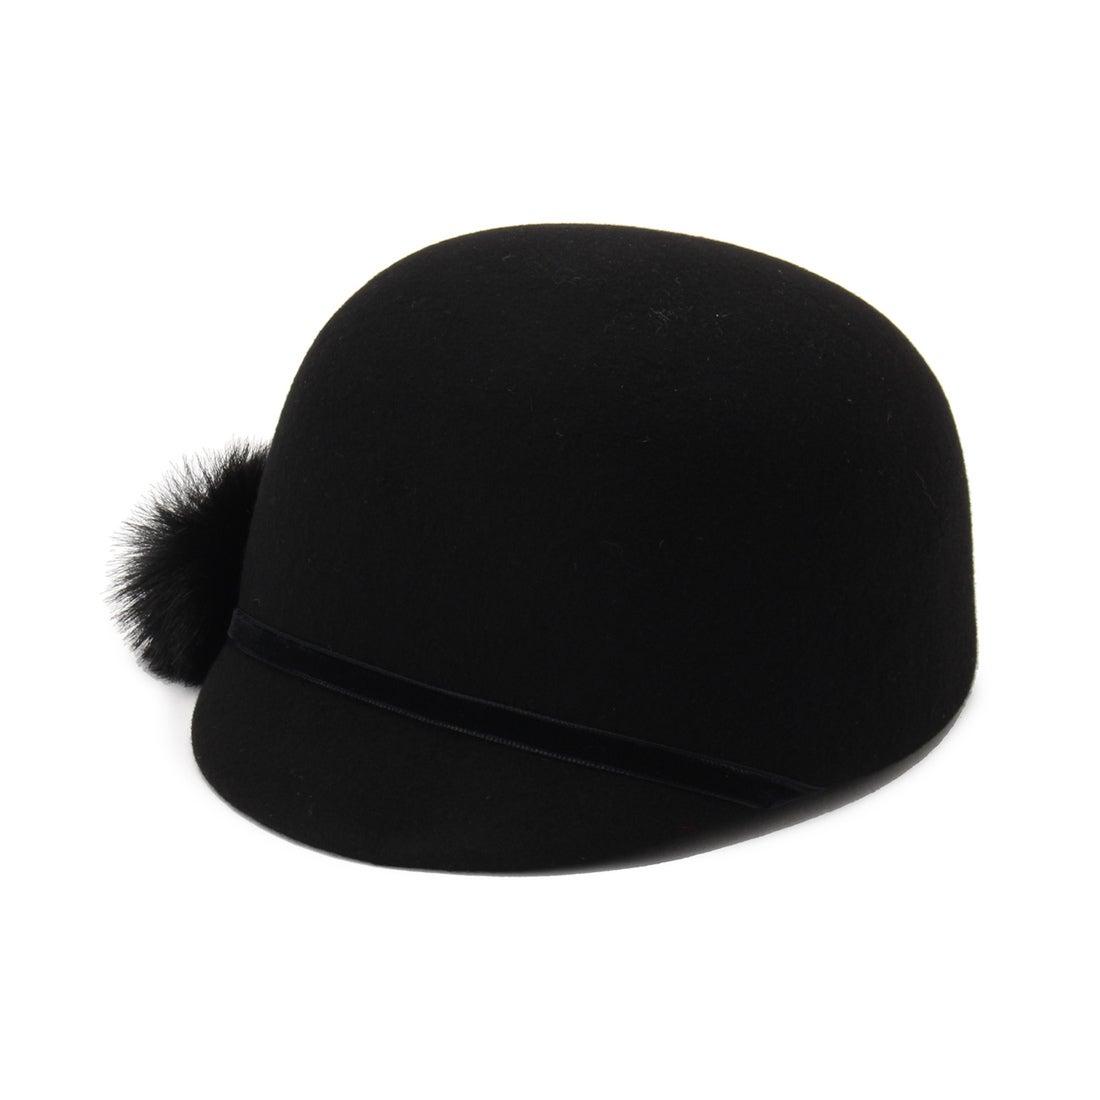 【SALE 50%OFF】モディファイ Modify HATS&DREAMSポンポン付ライディングハット (ブラック)